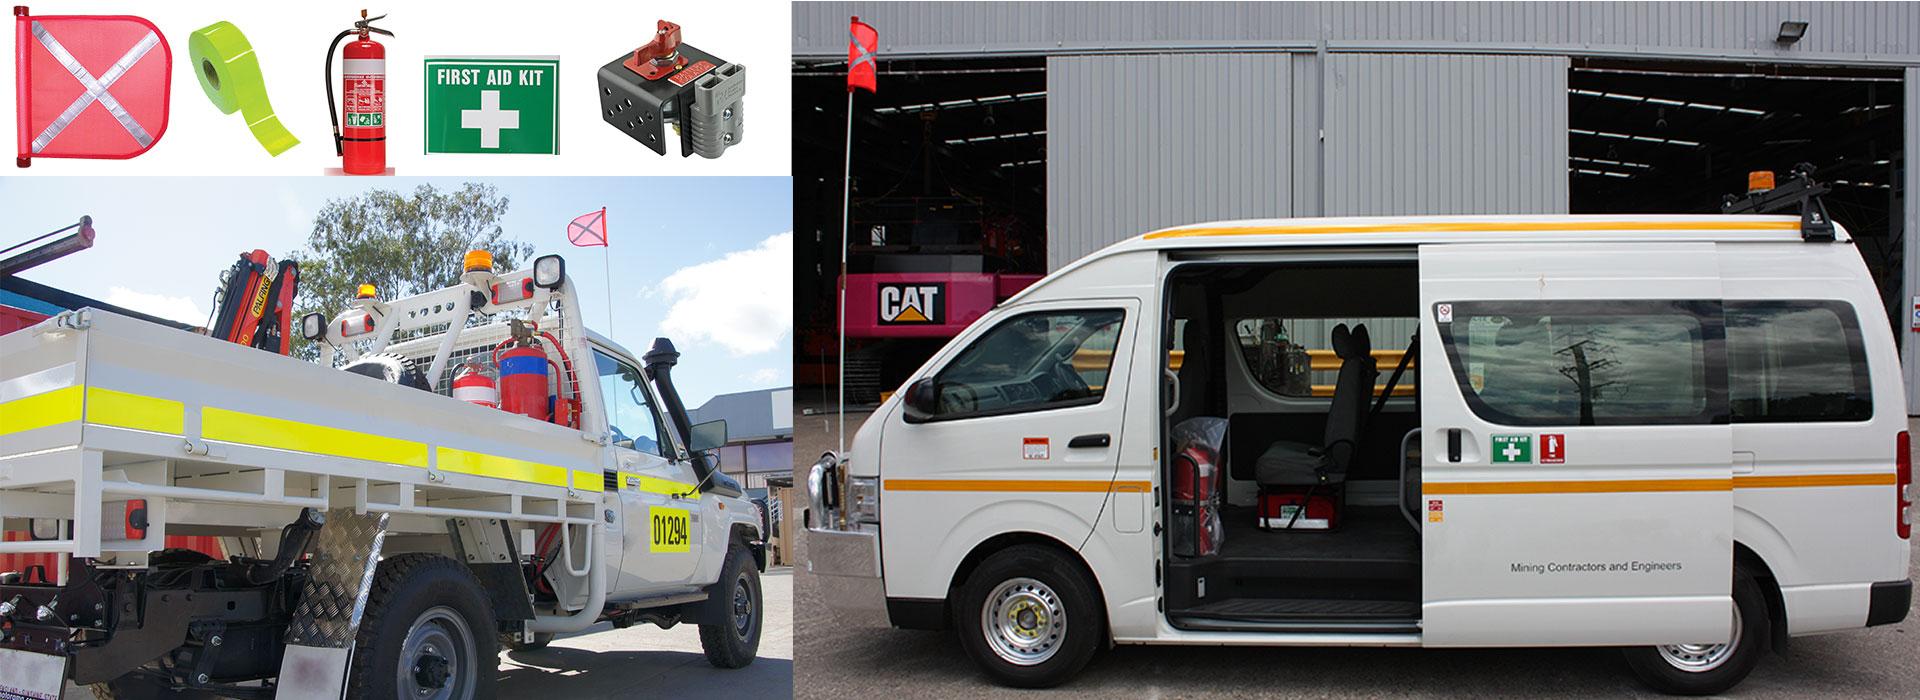 Vehicle safety - site product range